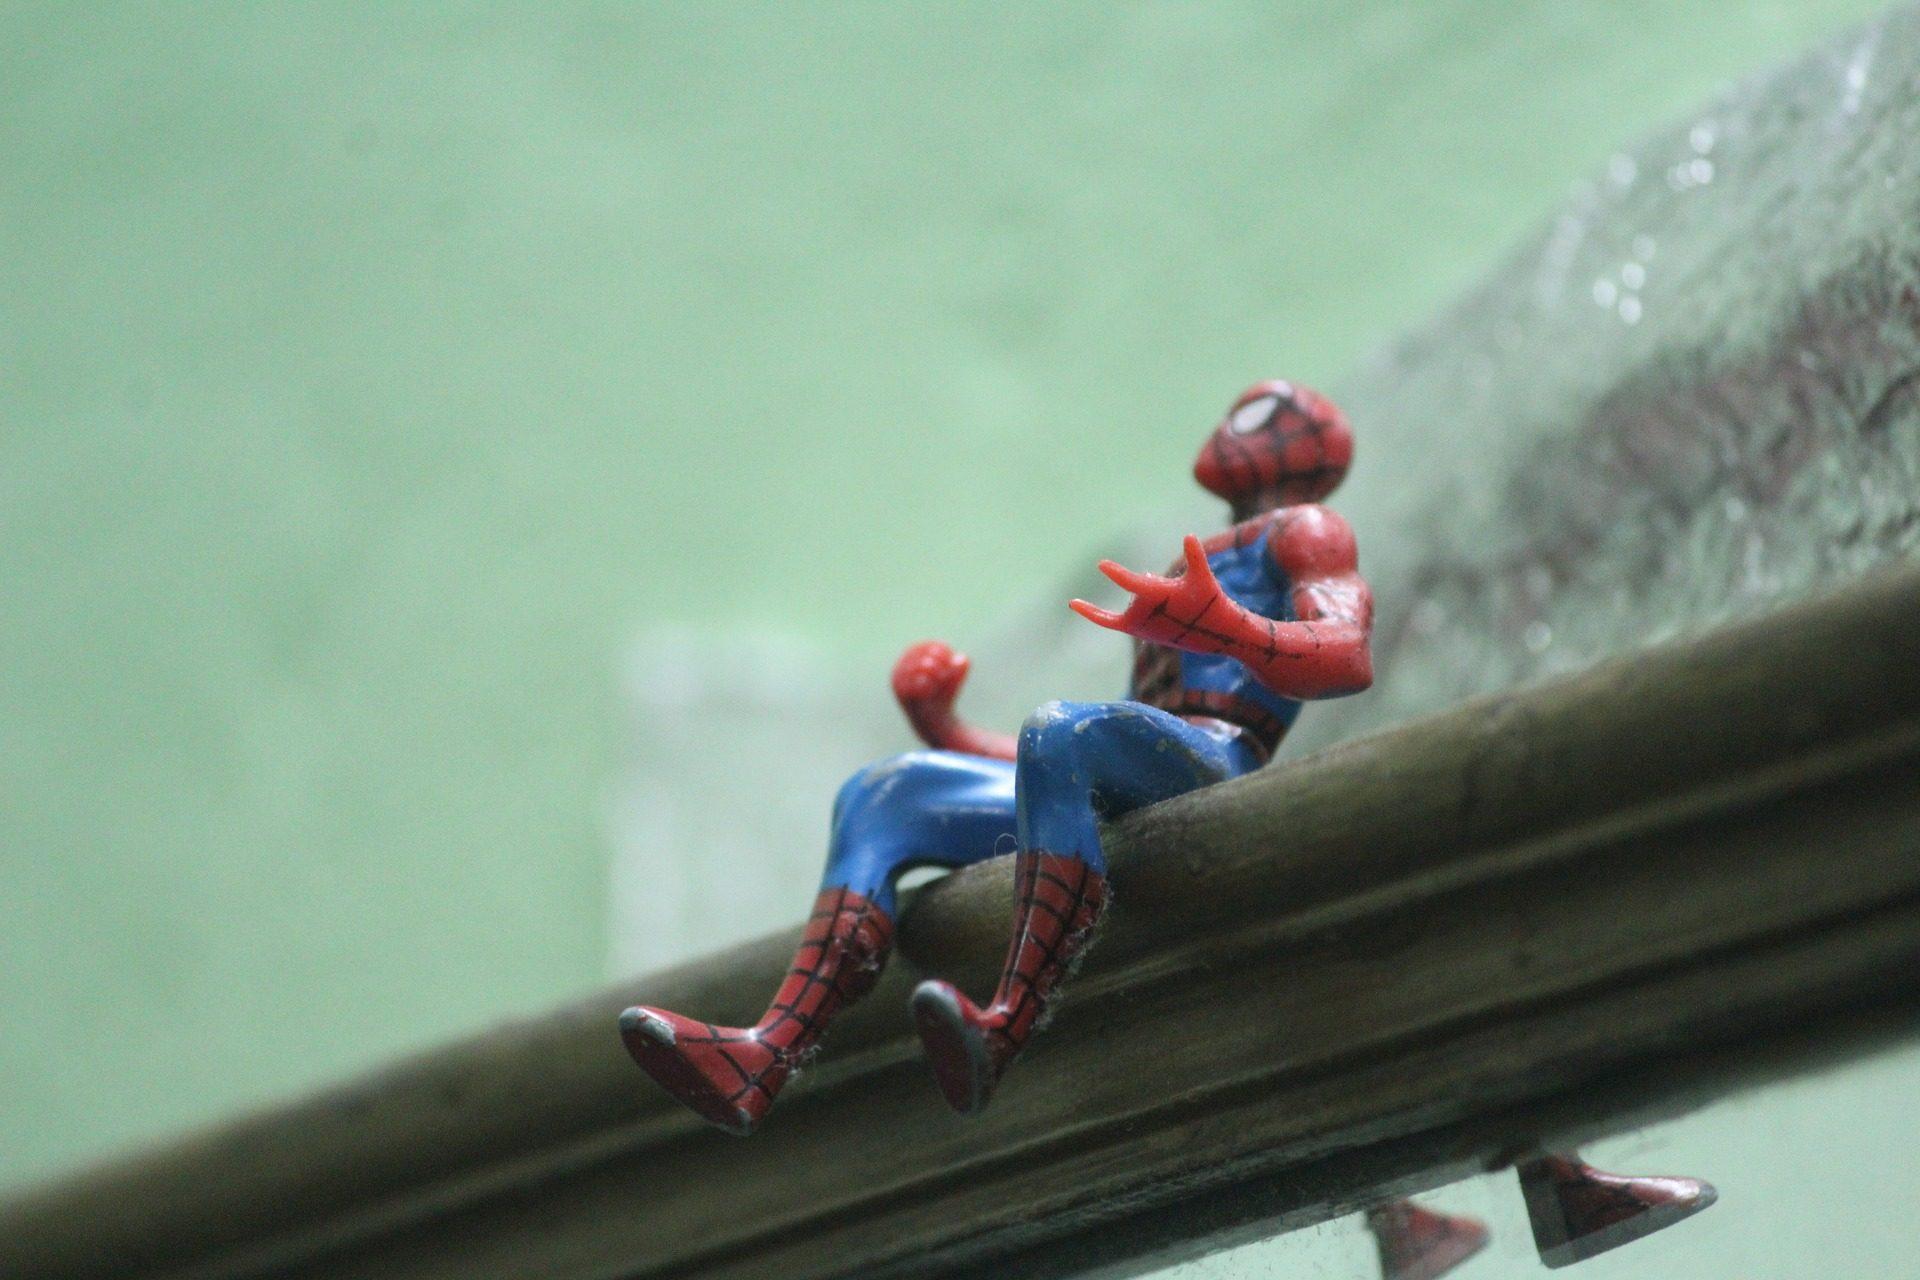 Человек-паук, Супергерой, Игрушка, Снеговик, Рисунок - Обои HD - Профессор falken.com